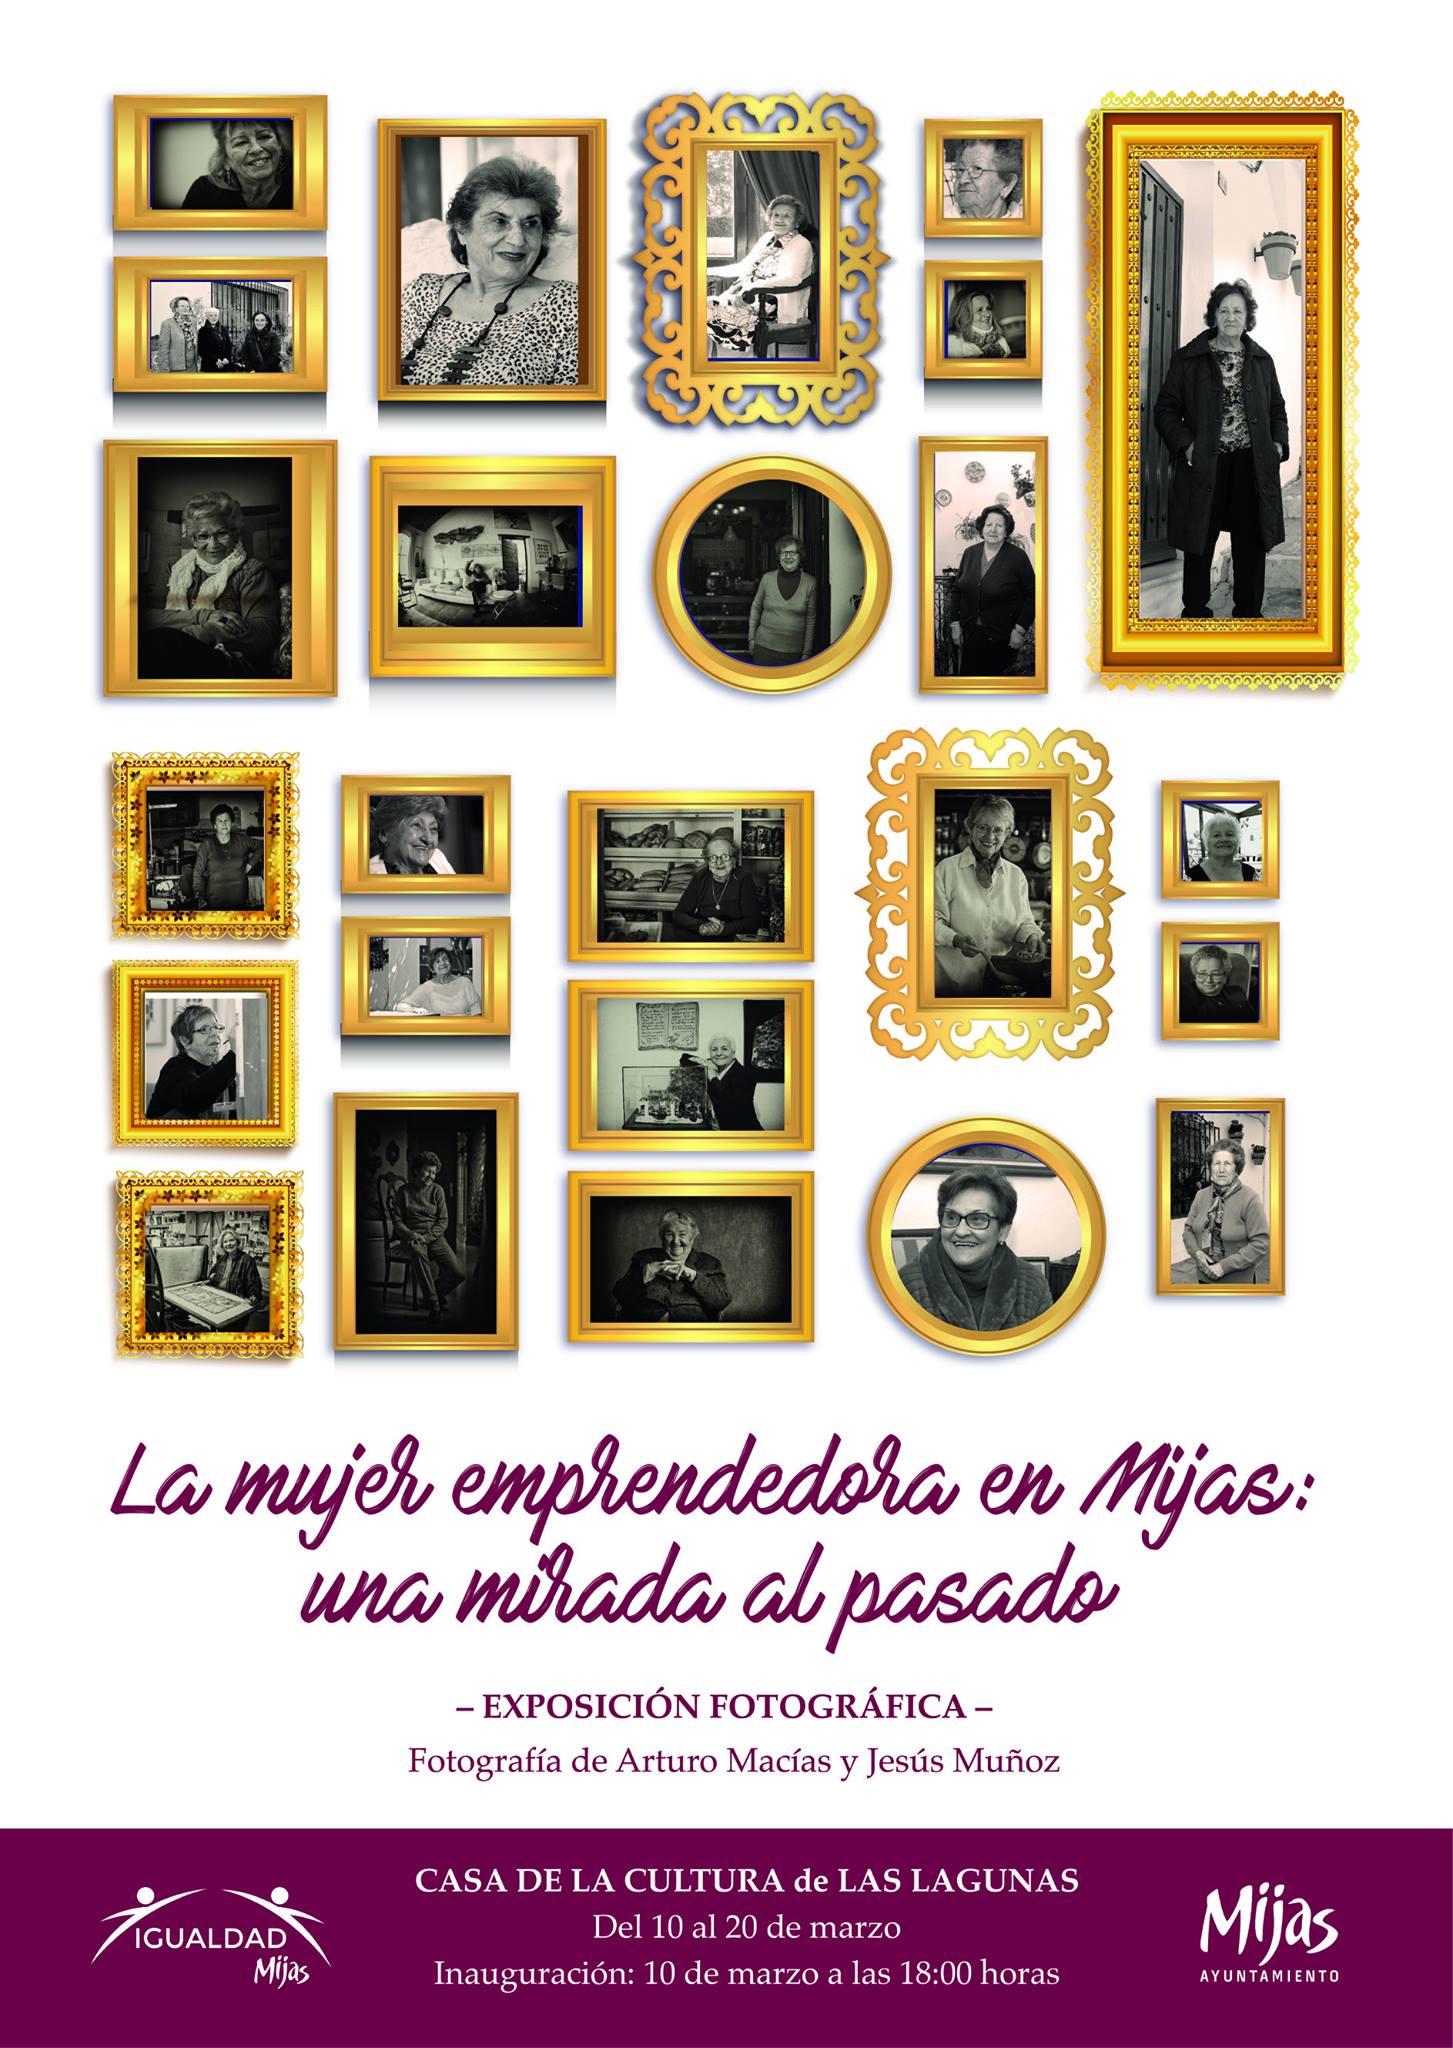 La mujer emprendedora en Mijas: una mirada al pasado de Arturo Macías y Jesús Muñoz